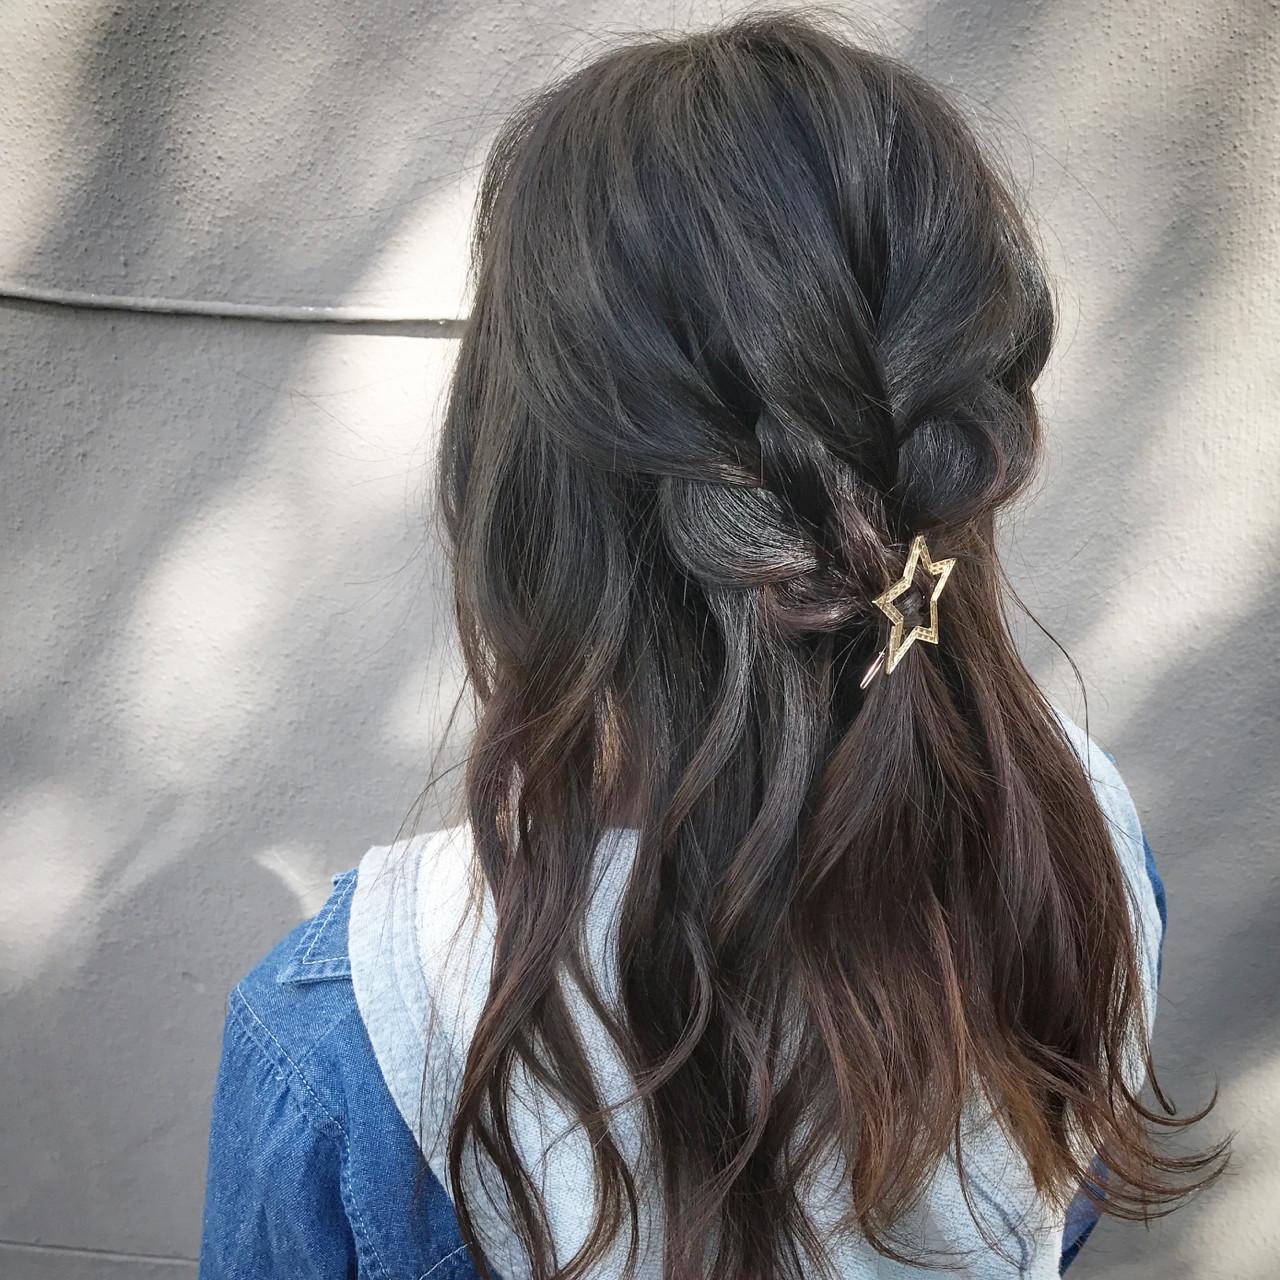 女子会 ナチュラル セミロング デート ヘアスタイルや髪型の写真・画像 | 新谷 朋宏 / Free hairstylist shinya